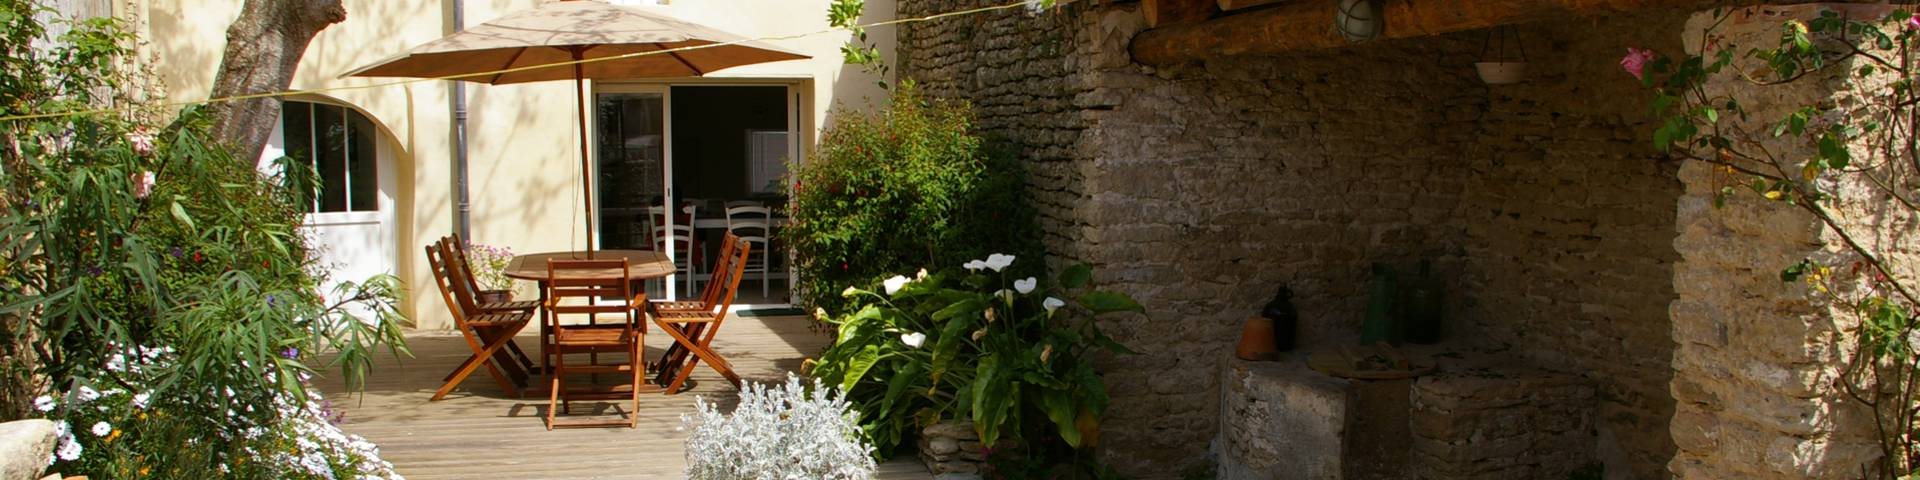 Accommodation rentals in Les Portes-en-Ré